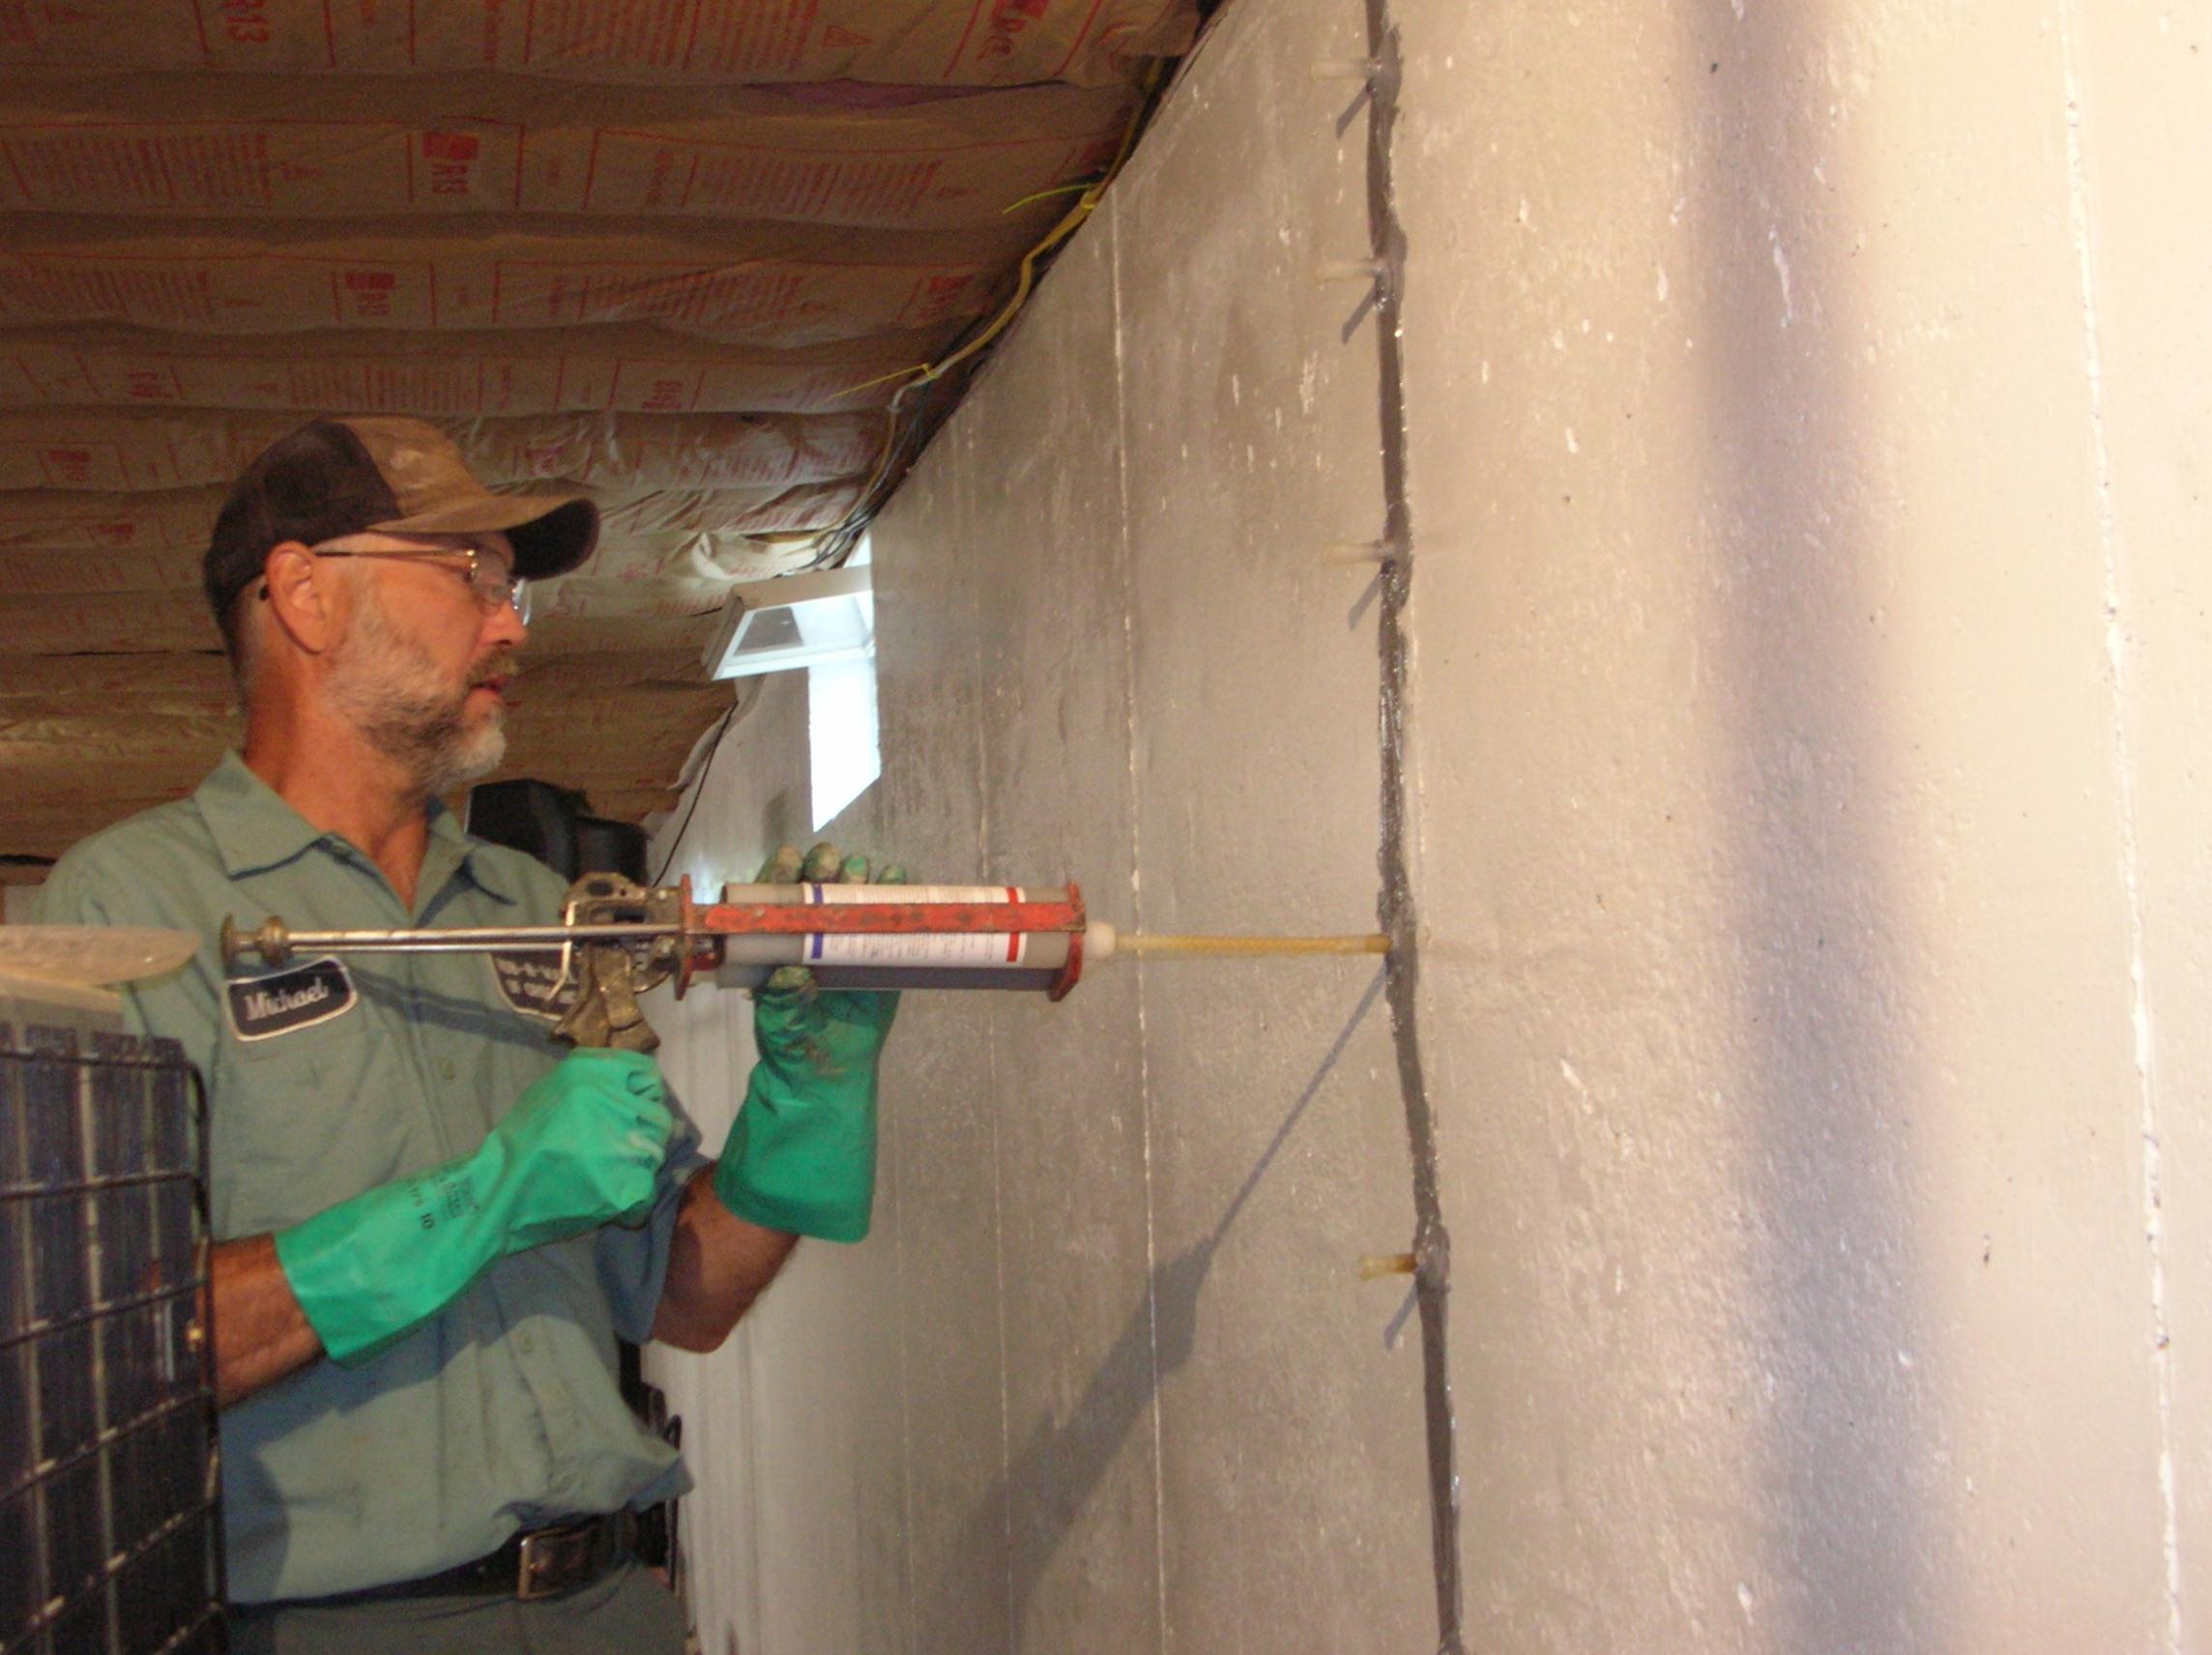 Sealing A Basement Wall Crack